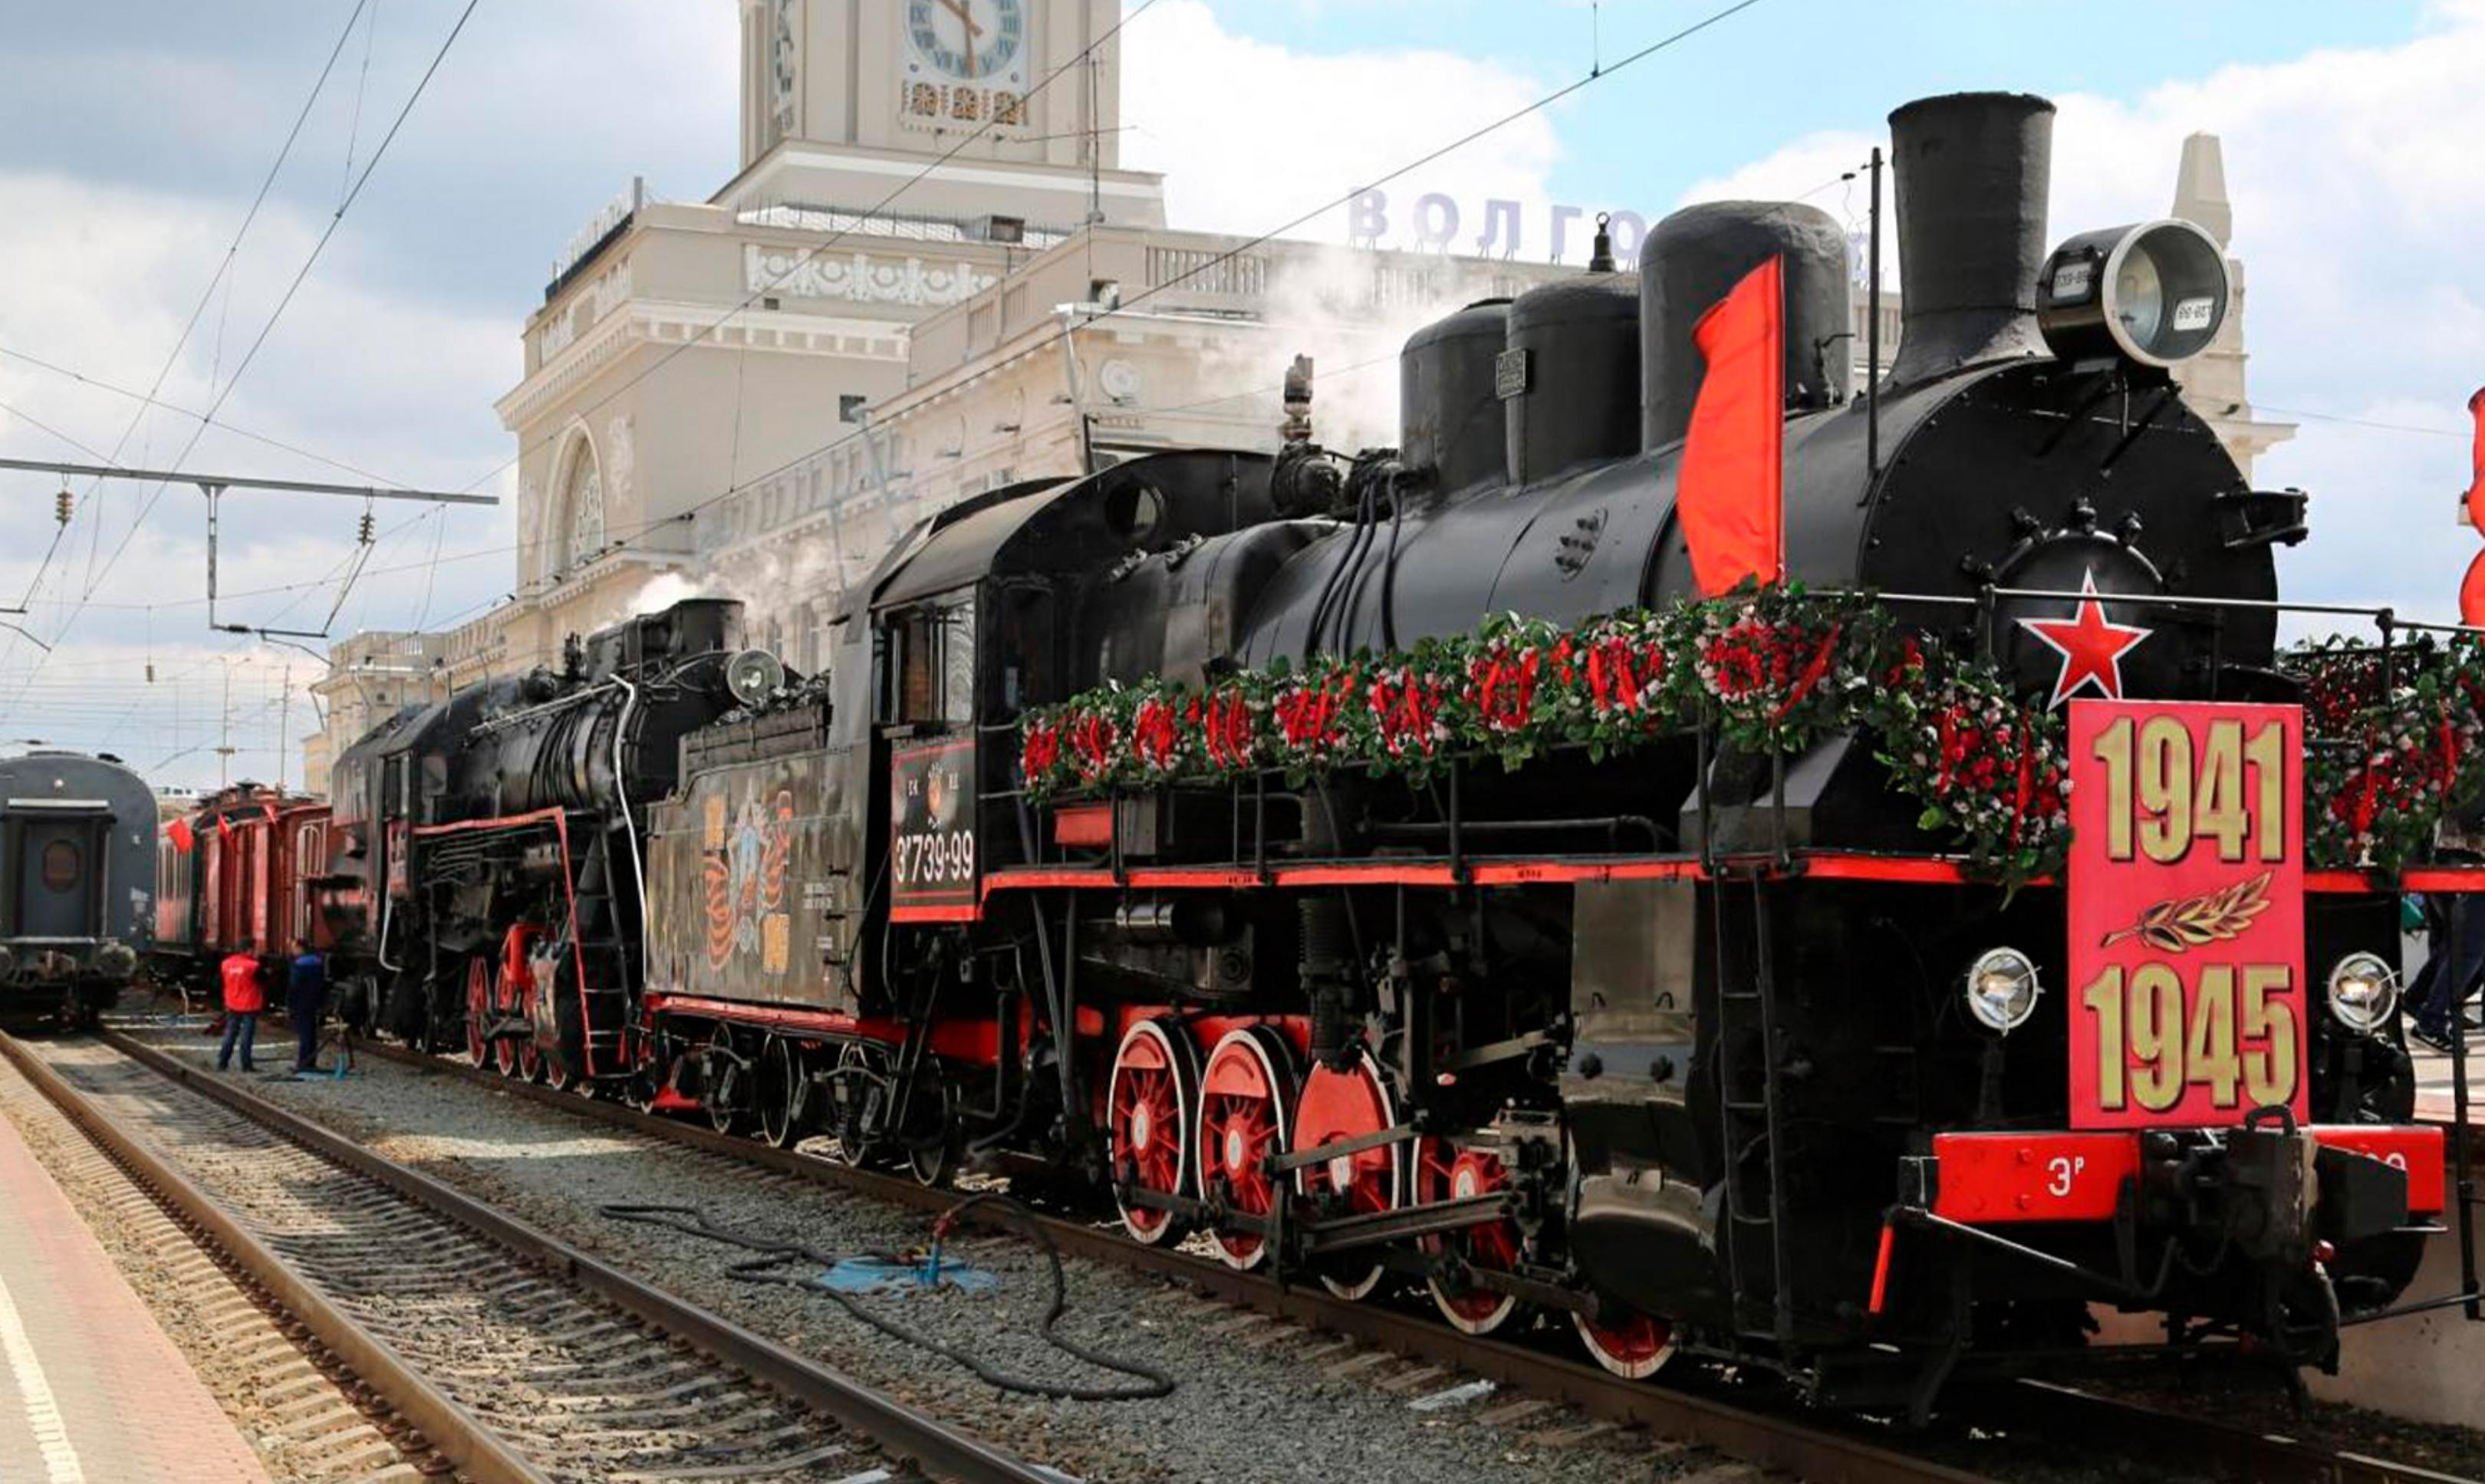 Мобильный музей «Поезд Победы» снова прибывает в Екатеринбург